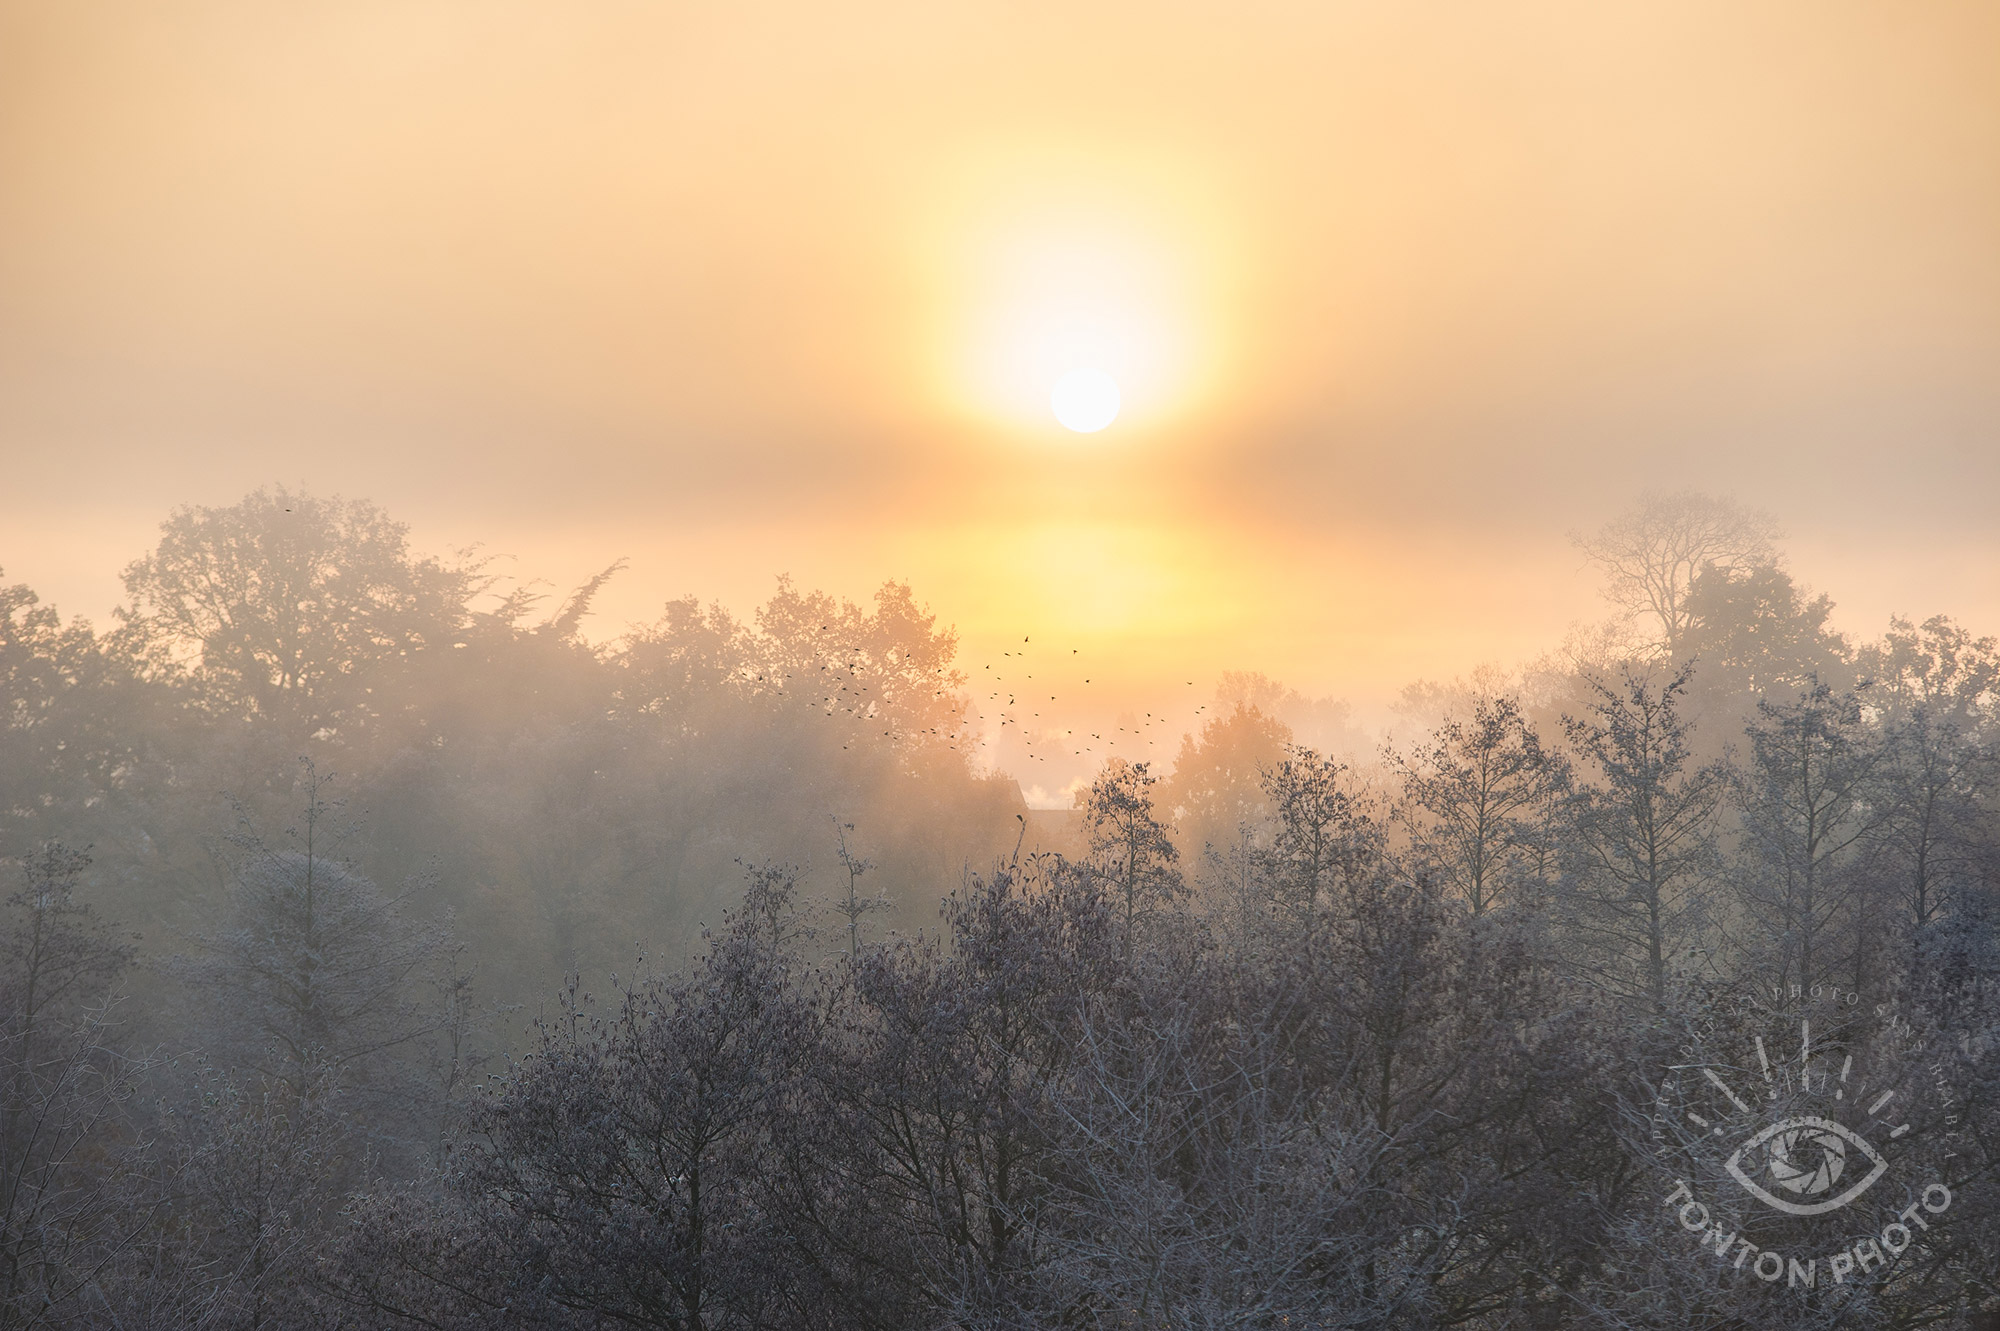 Un merveilleux lever de soleil, mélange de givre et de brouillard. | Comment photographier pendant Noël et les fêtes de fin d'année ? © Clément Racineux / Tonton Photo